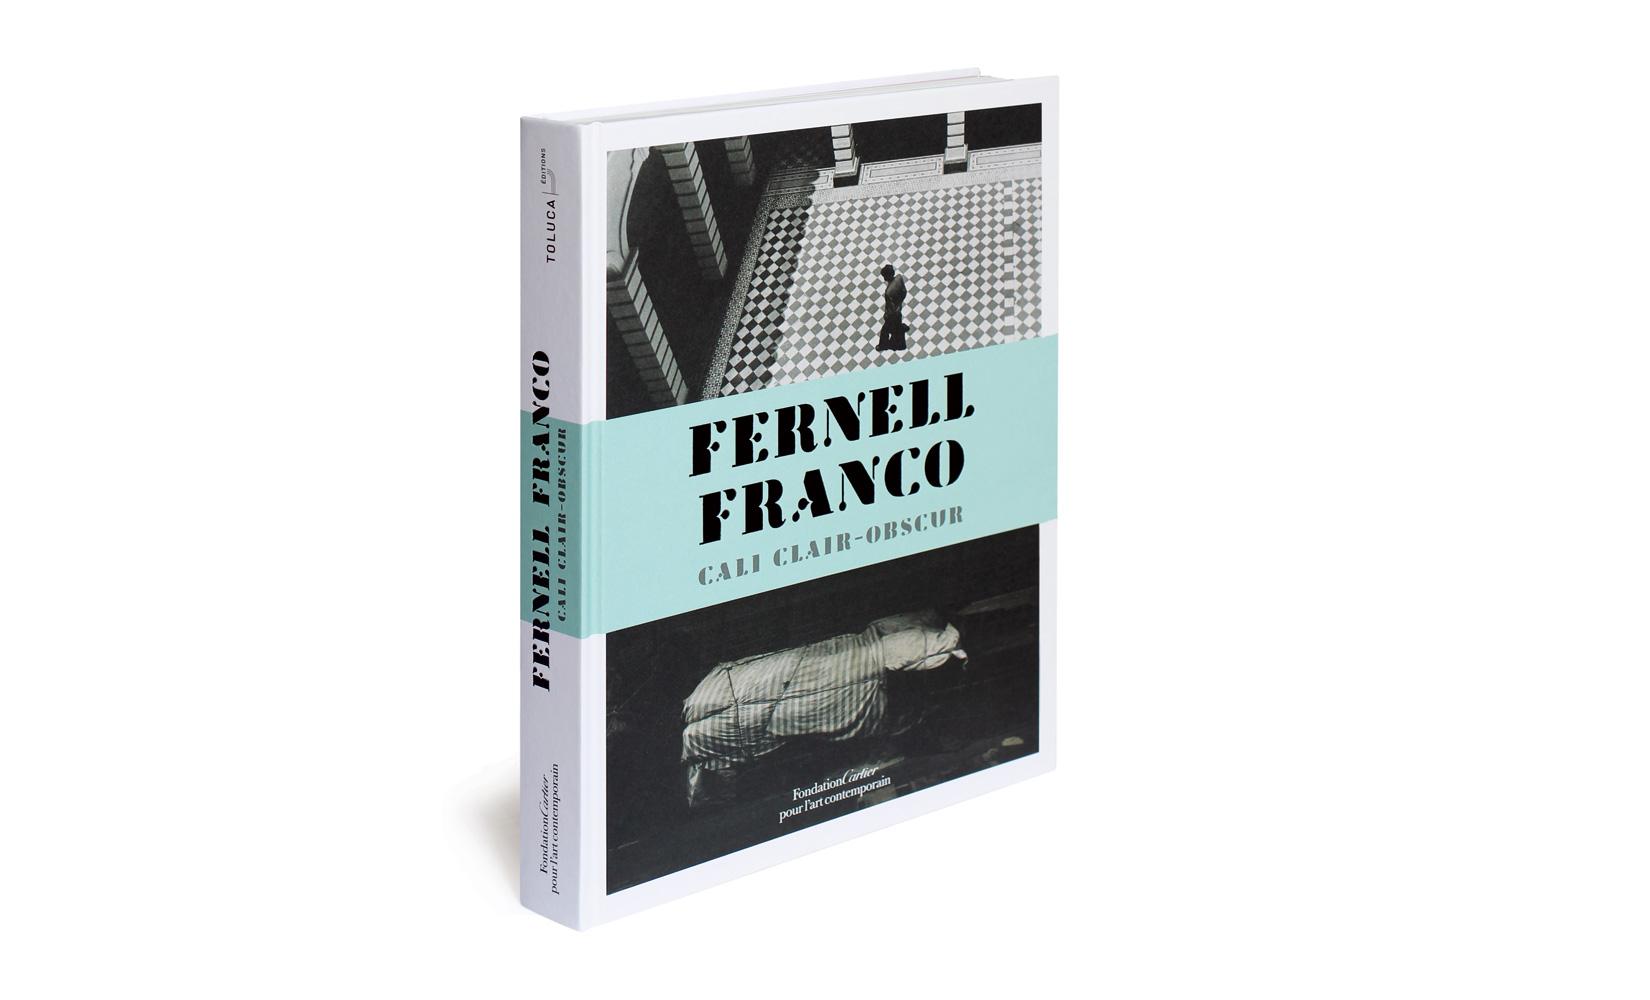 Fernell-franco-fondation-cartier-01.jpg